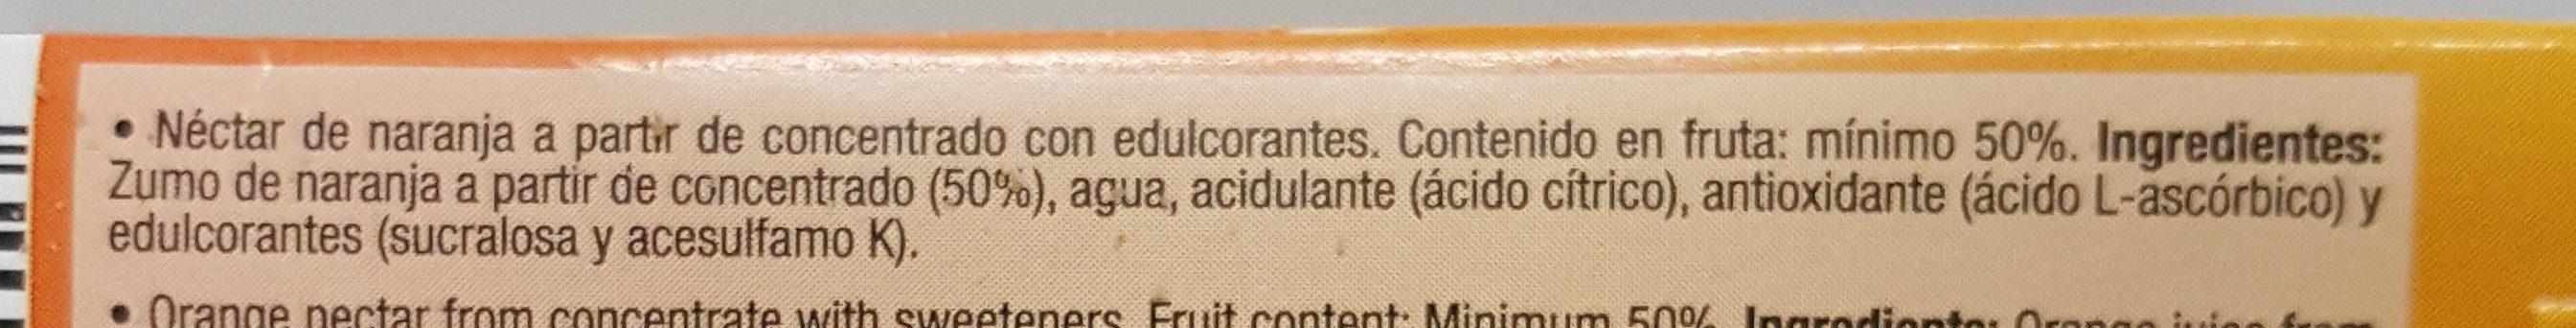 Disfruta Néctar Naranja - Ingredientes